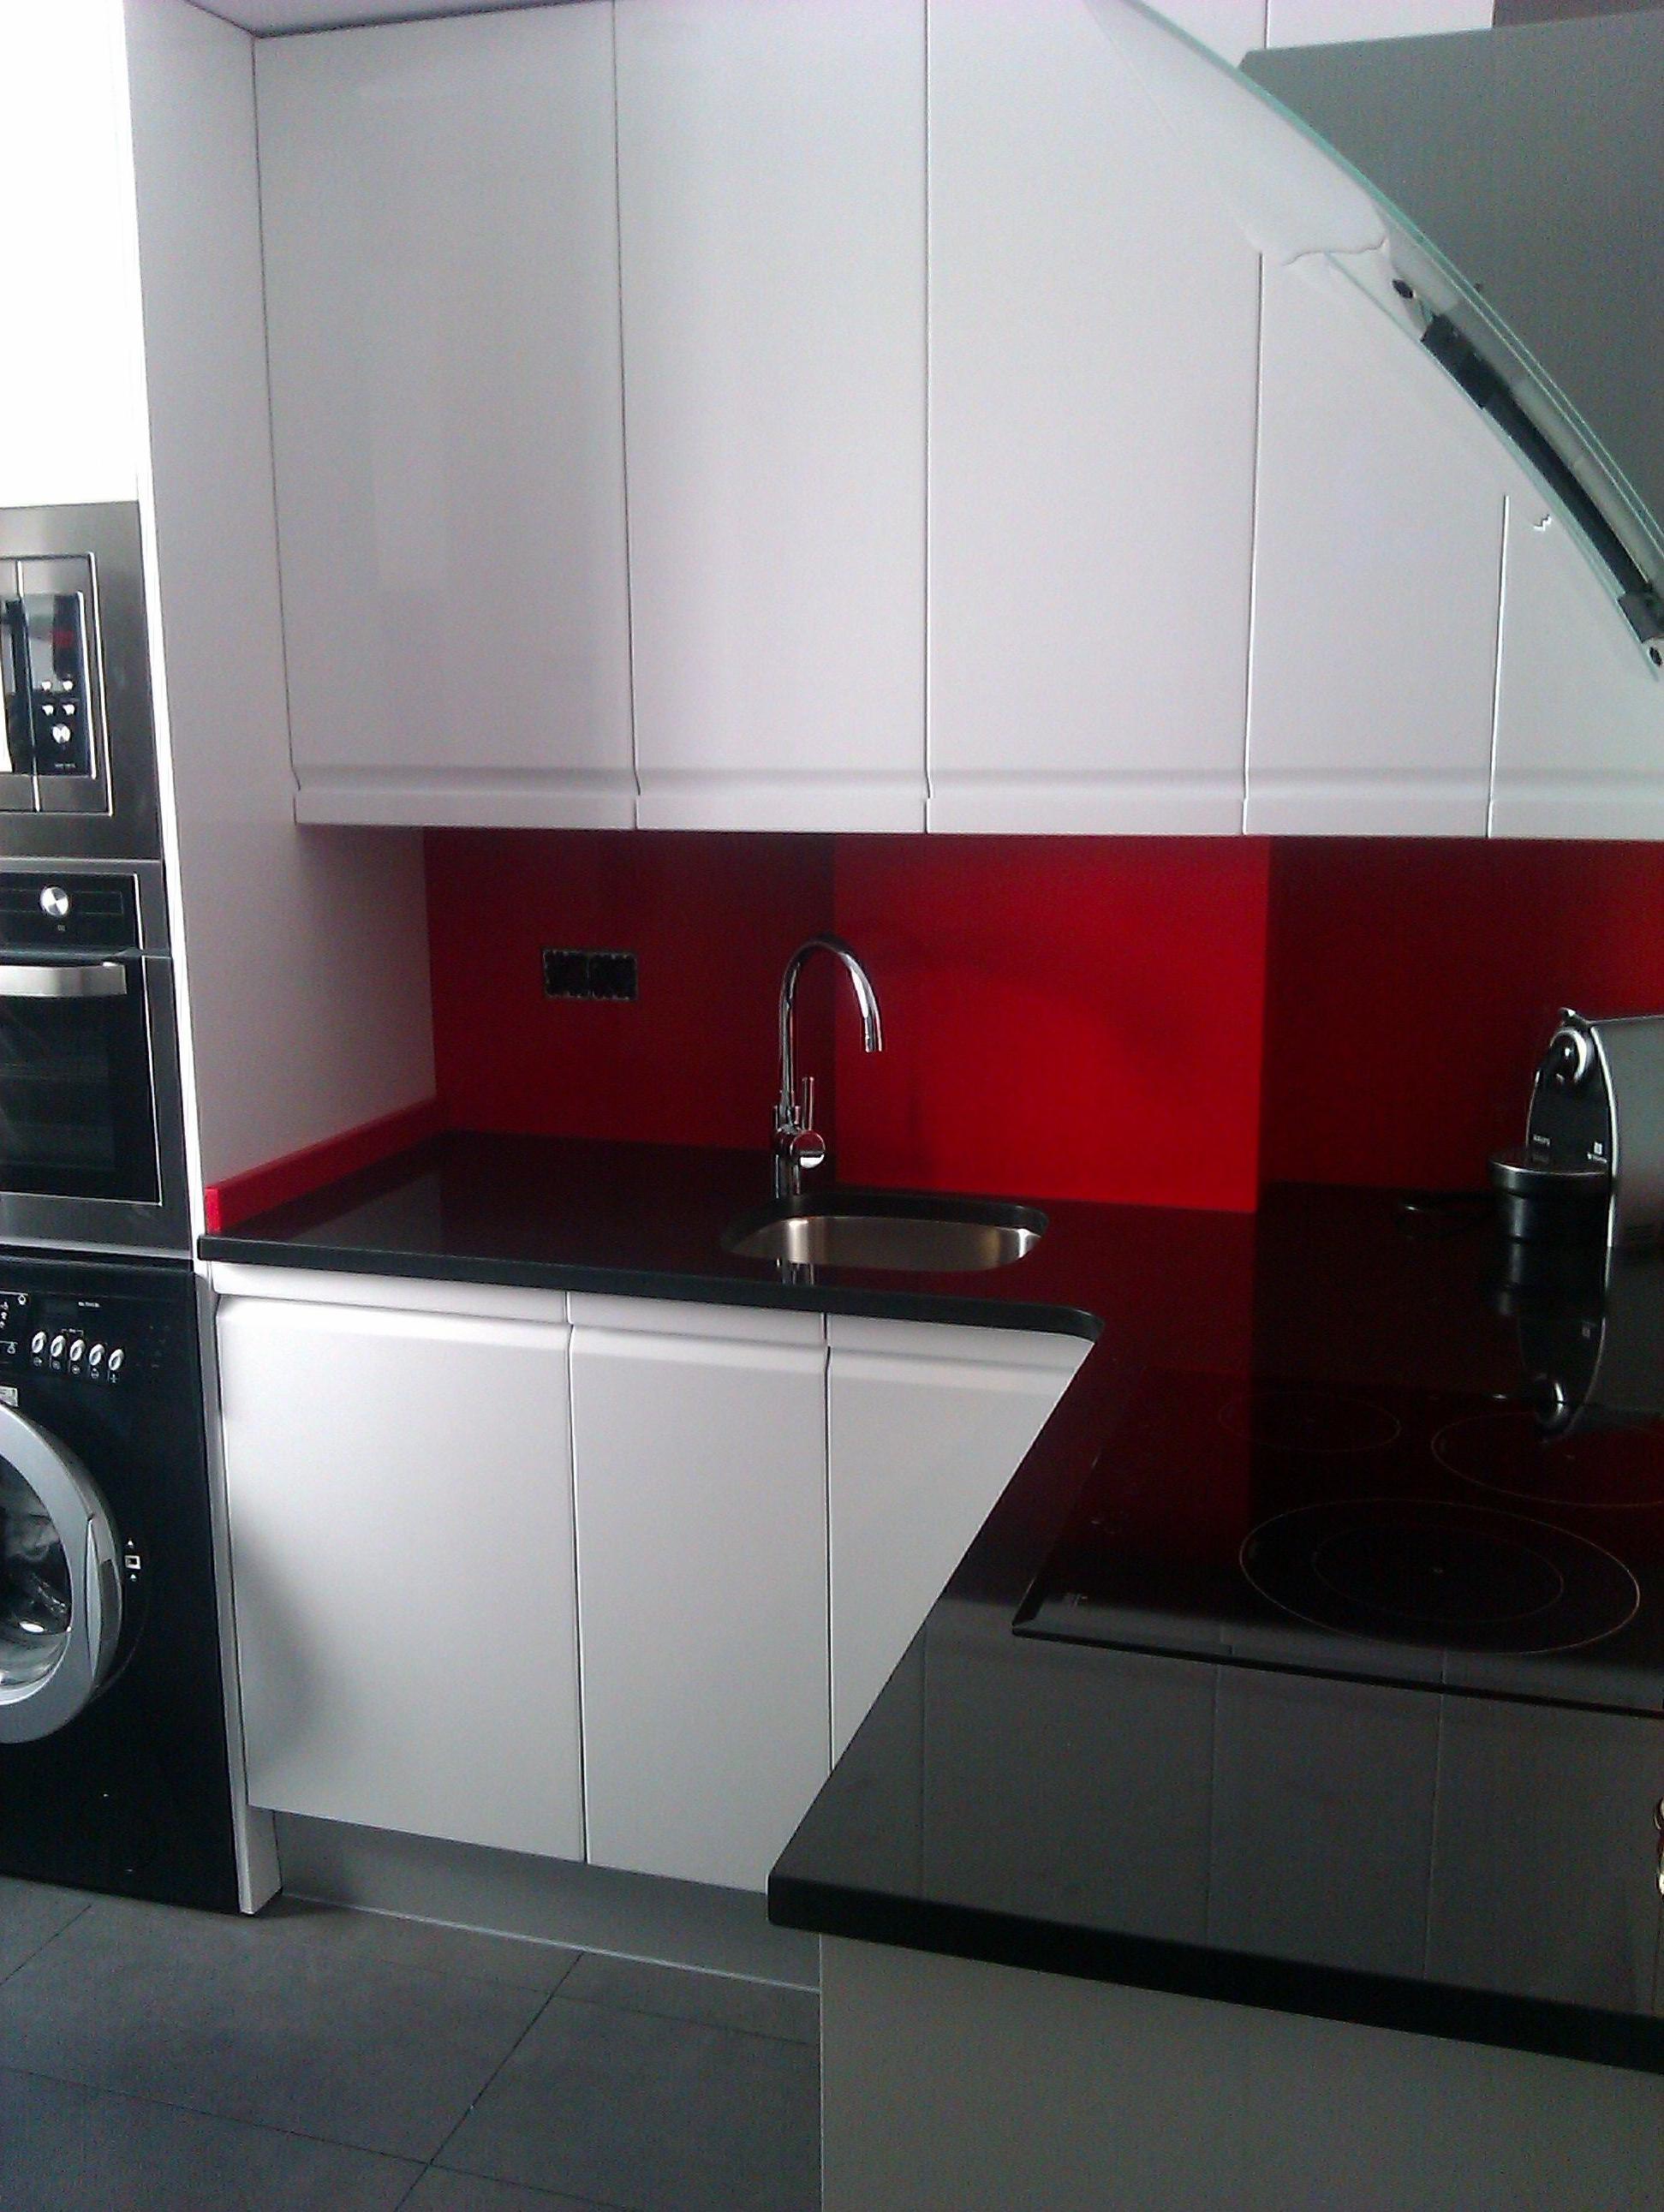 Foto 29 de Muebles de baño y cocina en Zaragoza | Decocina